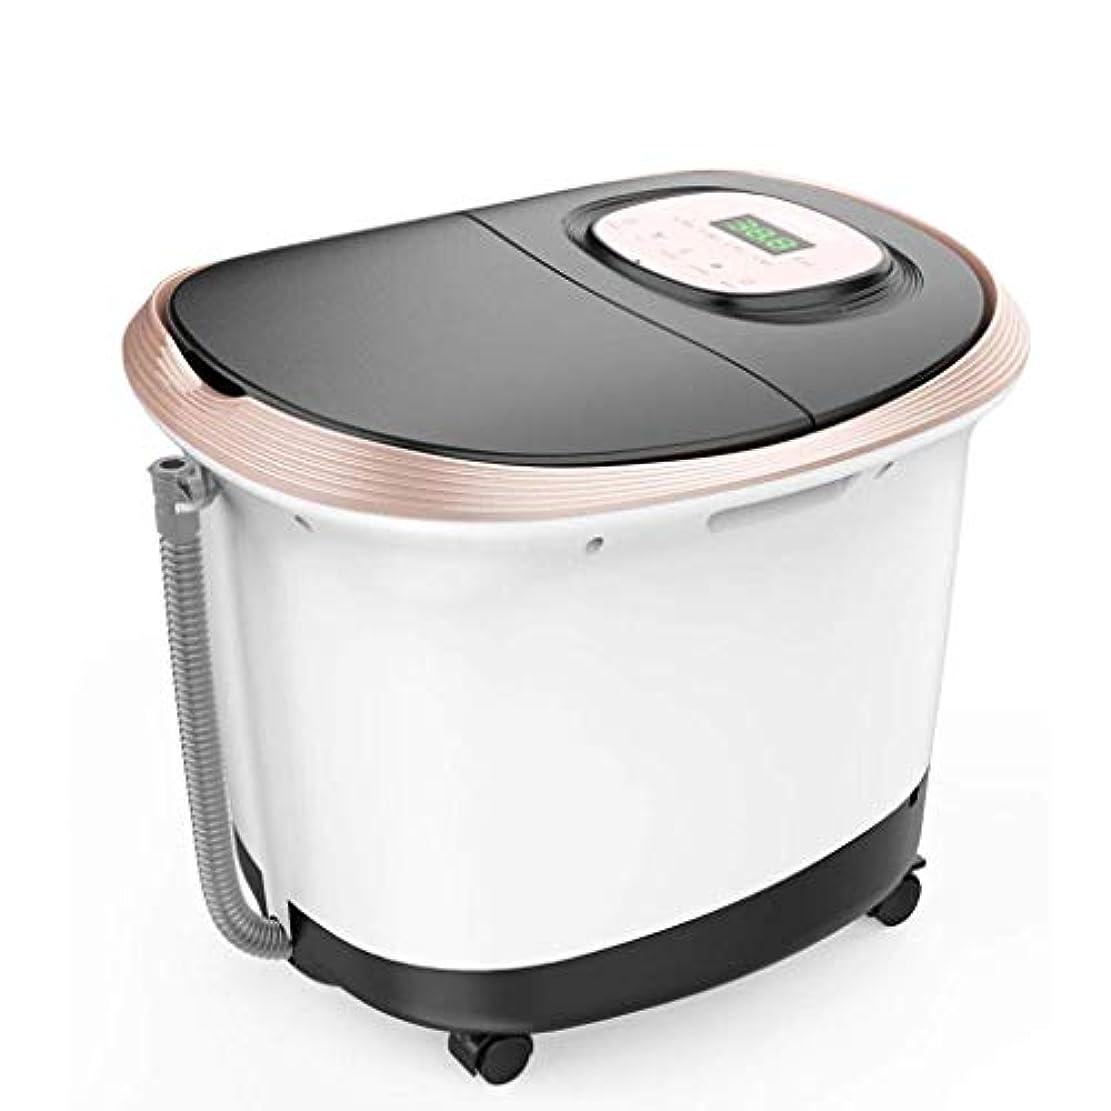 スカウト音塗抹Zyp2019 健康足浴槽自動電気マッサージ暖房家ディープフットバスフットバス